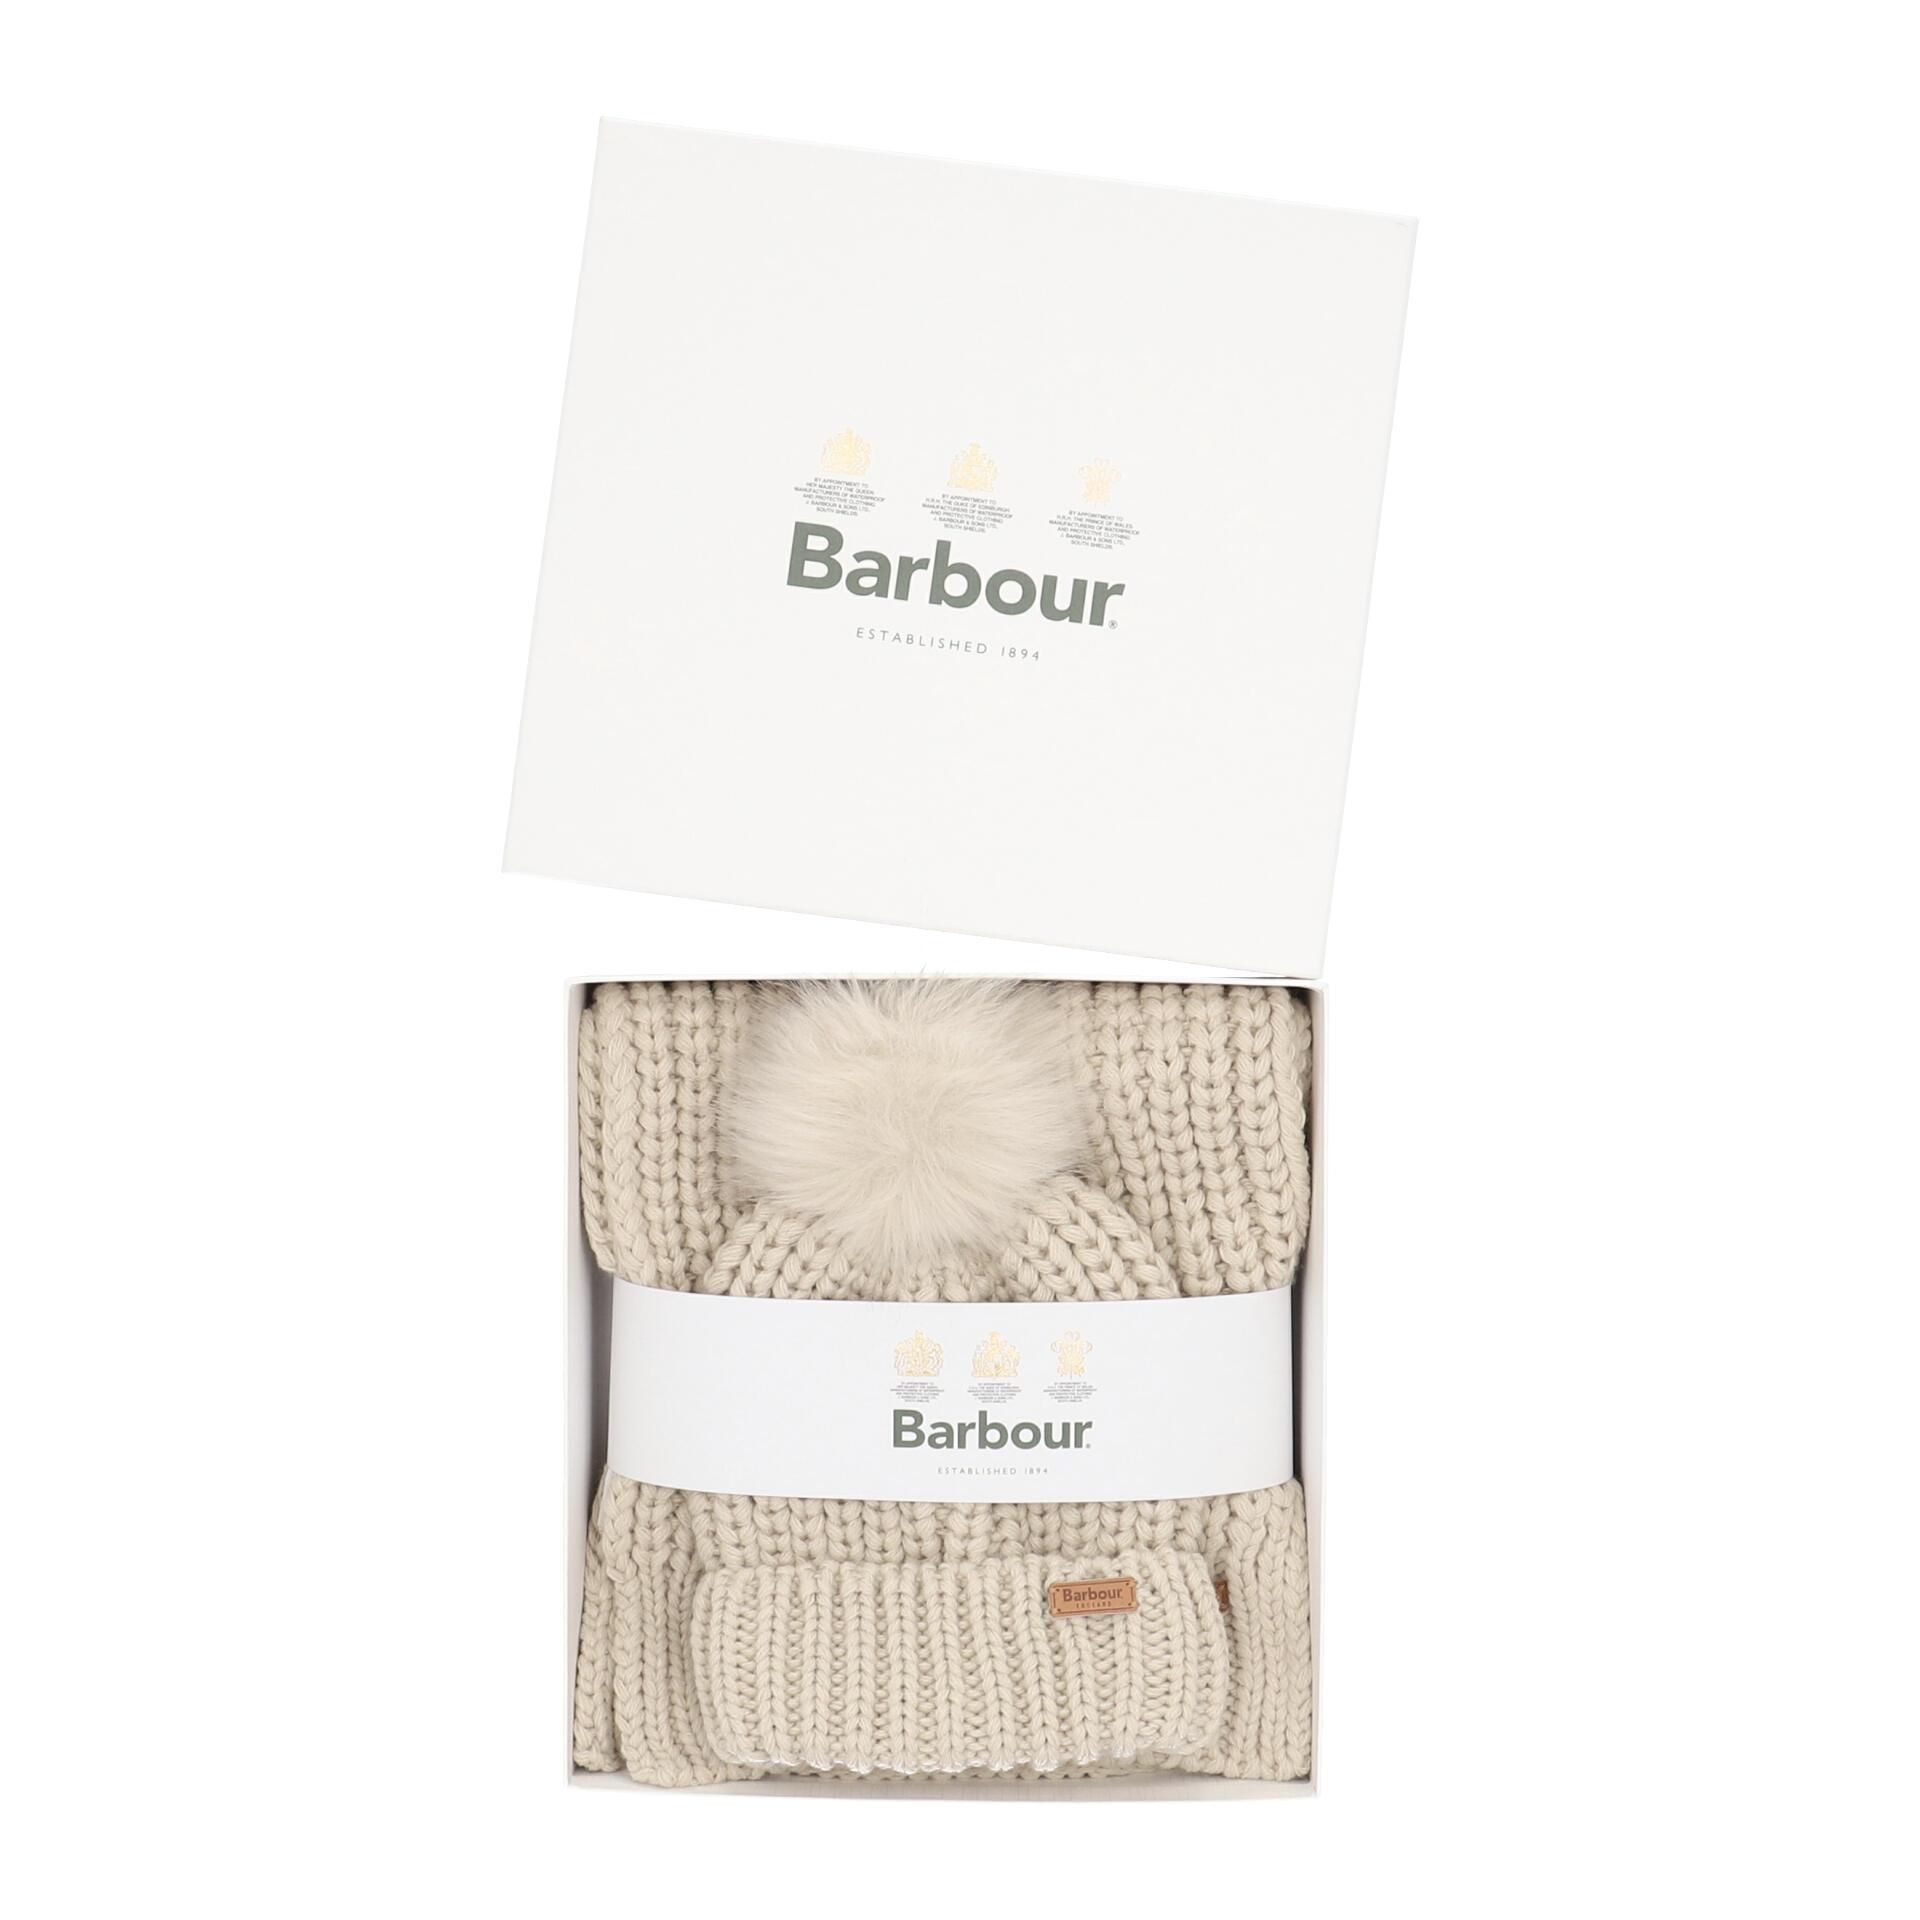 Barbour Saltburn Mütze und Schal im Geschenkset pearl